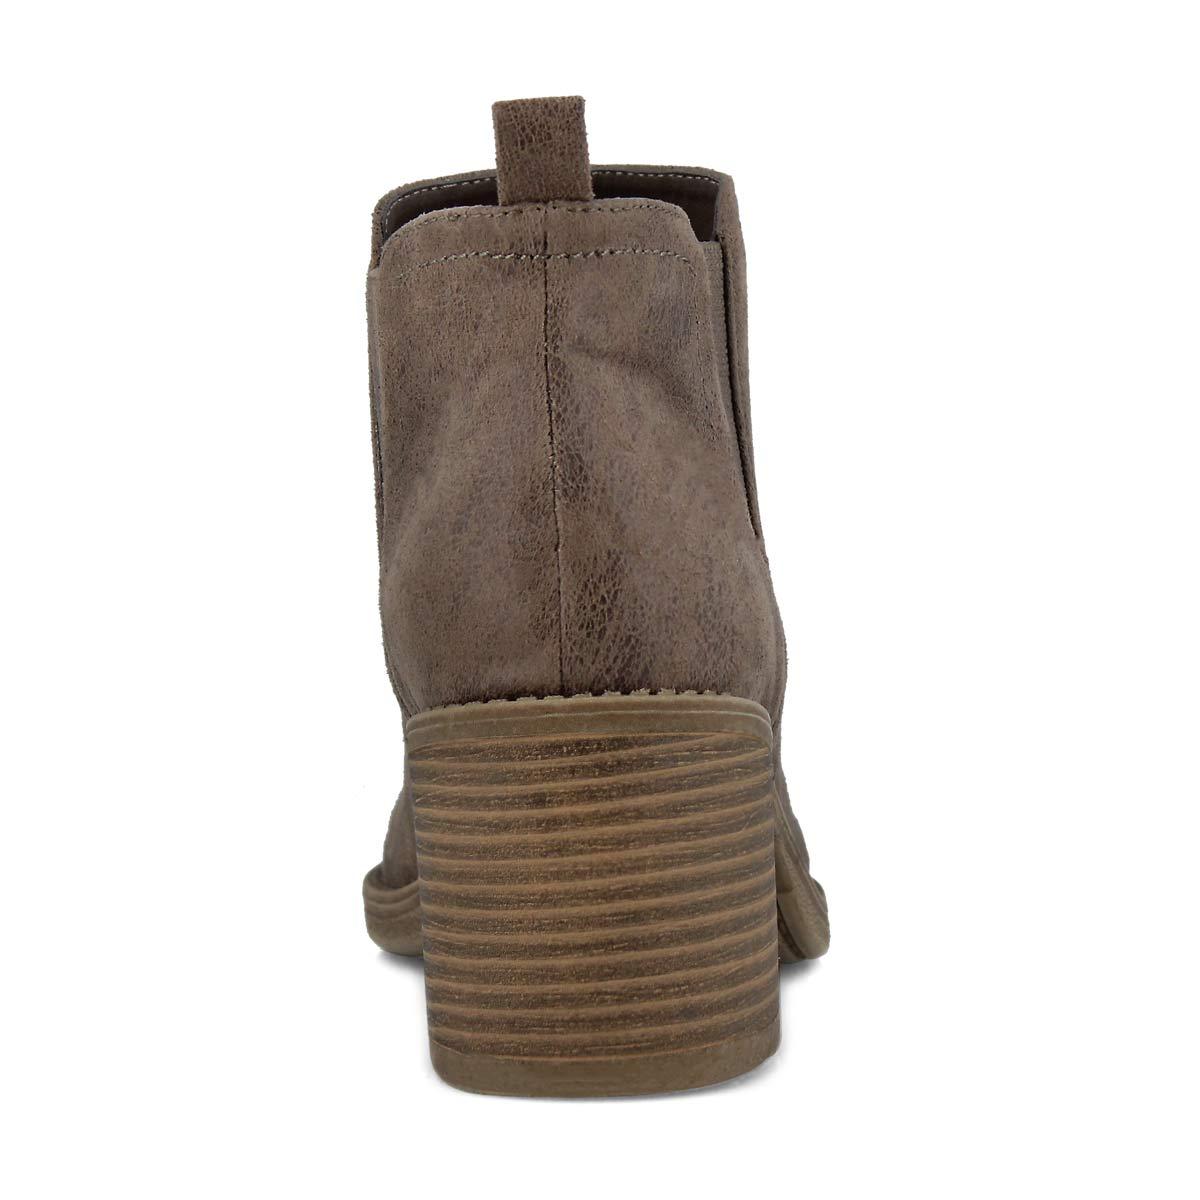 Women's TEKLA taupe slip on booties